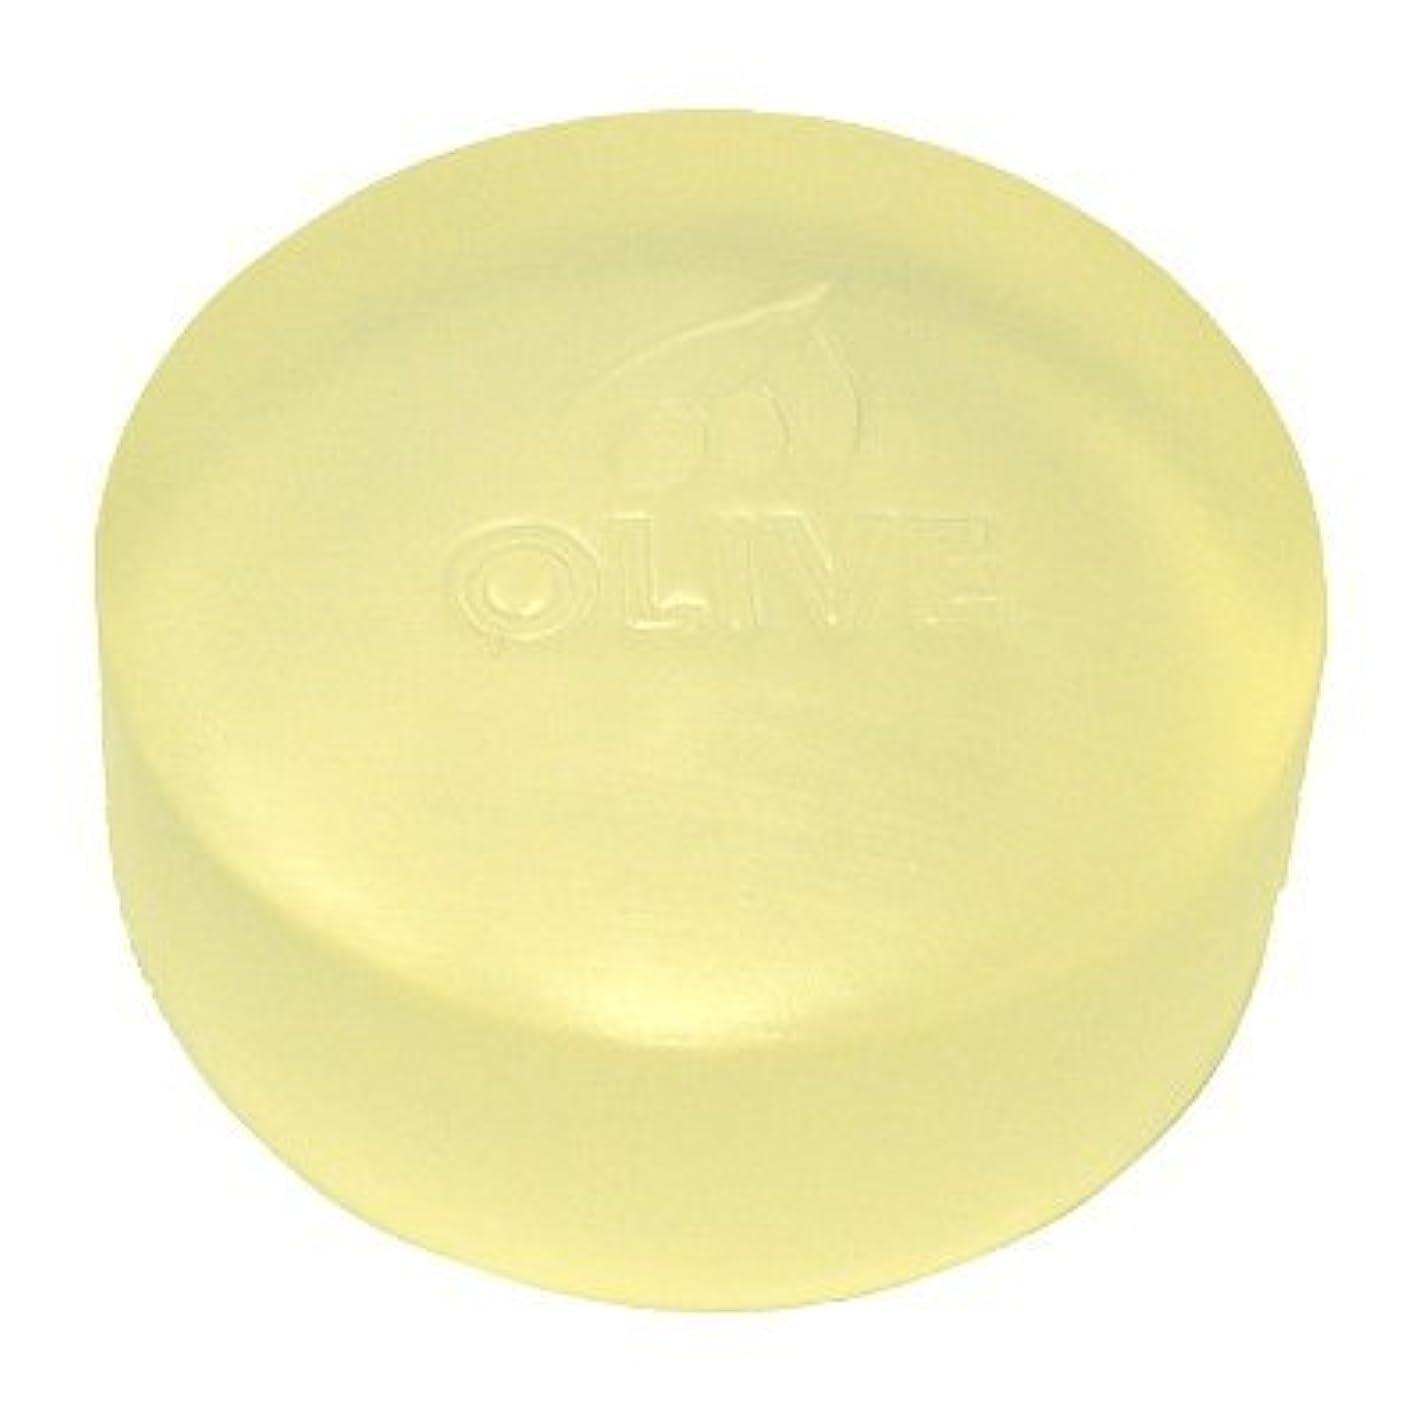 ゴールドフォーラムラバ鈴虫化粧品 オリーブソープ100g